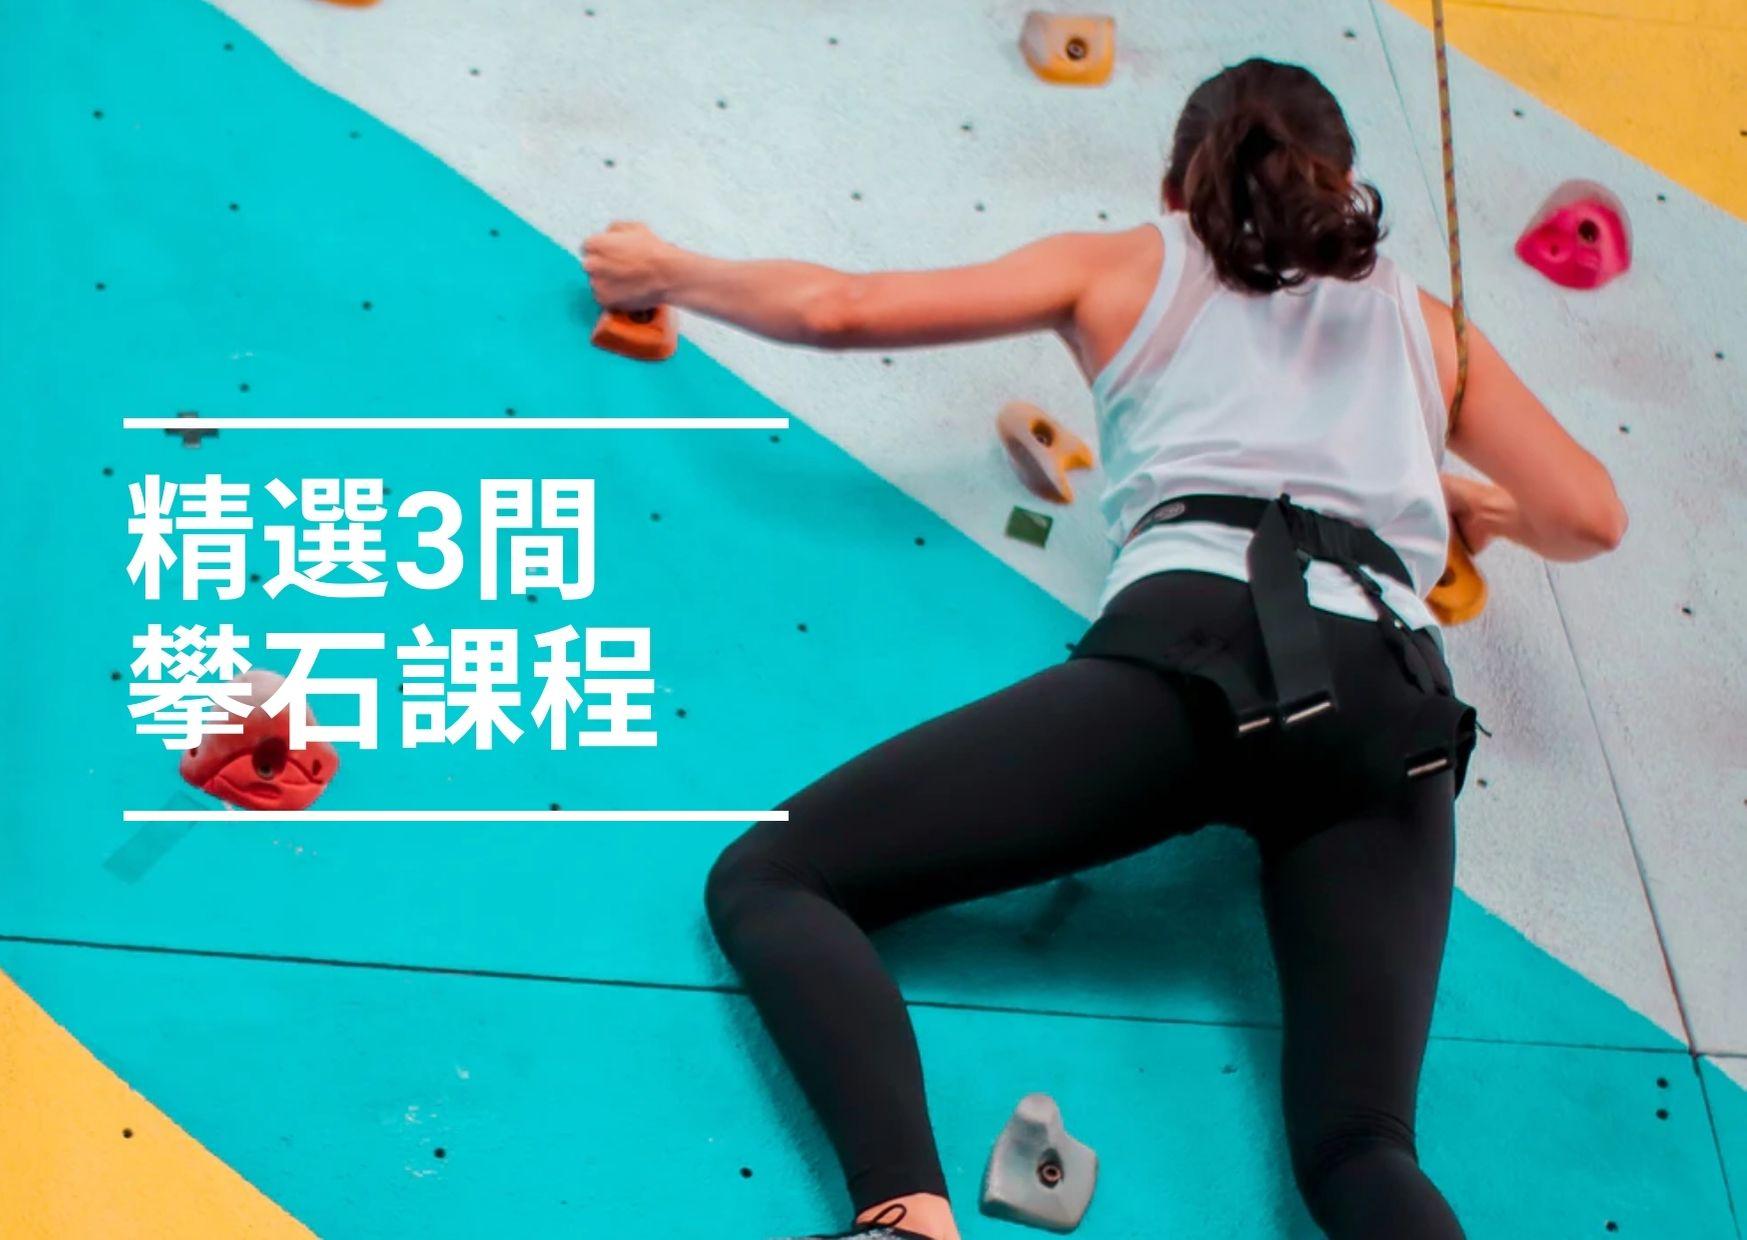 【香港攀石2020】香港三間最受歡迎攀石課程